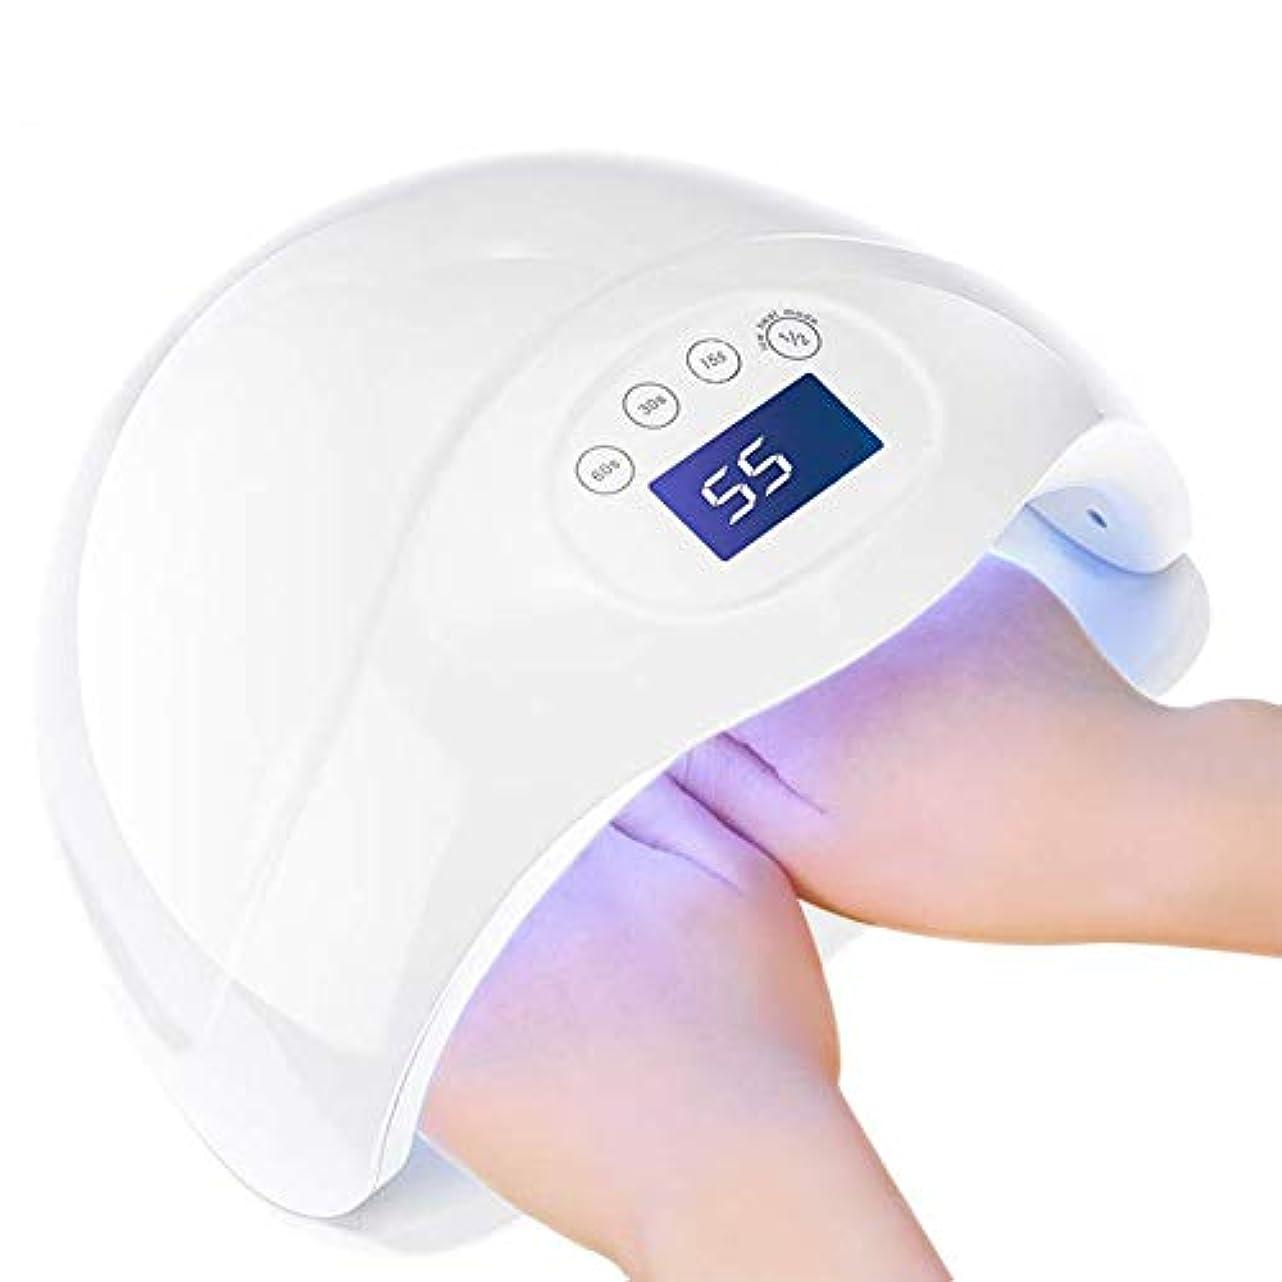 仕出します鳴らす箱ネイルドライヤ 硬化ライト 48W UV LEDライト 高速硬化 自動センサー マニキュア ジ